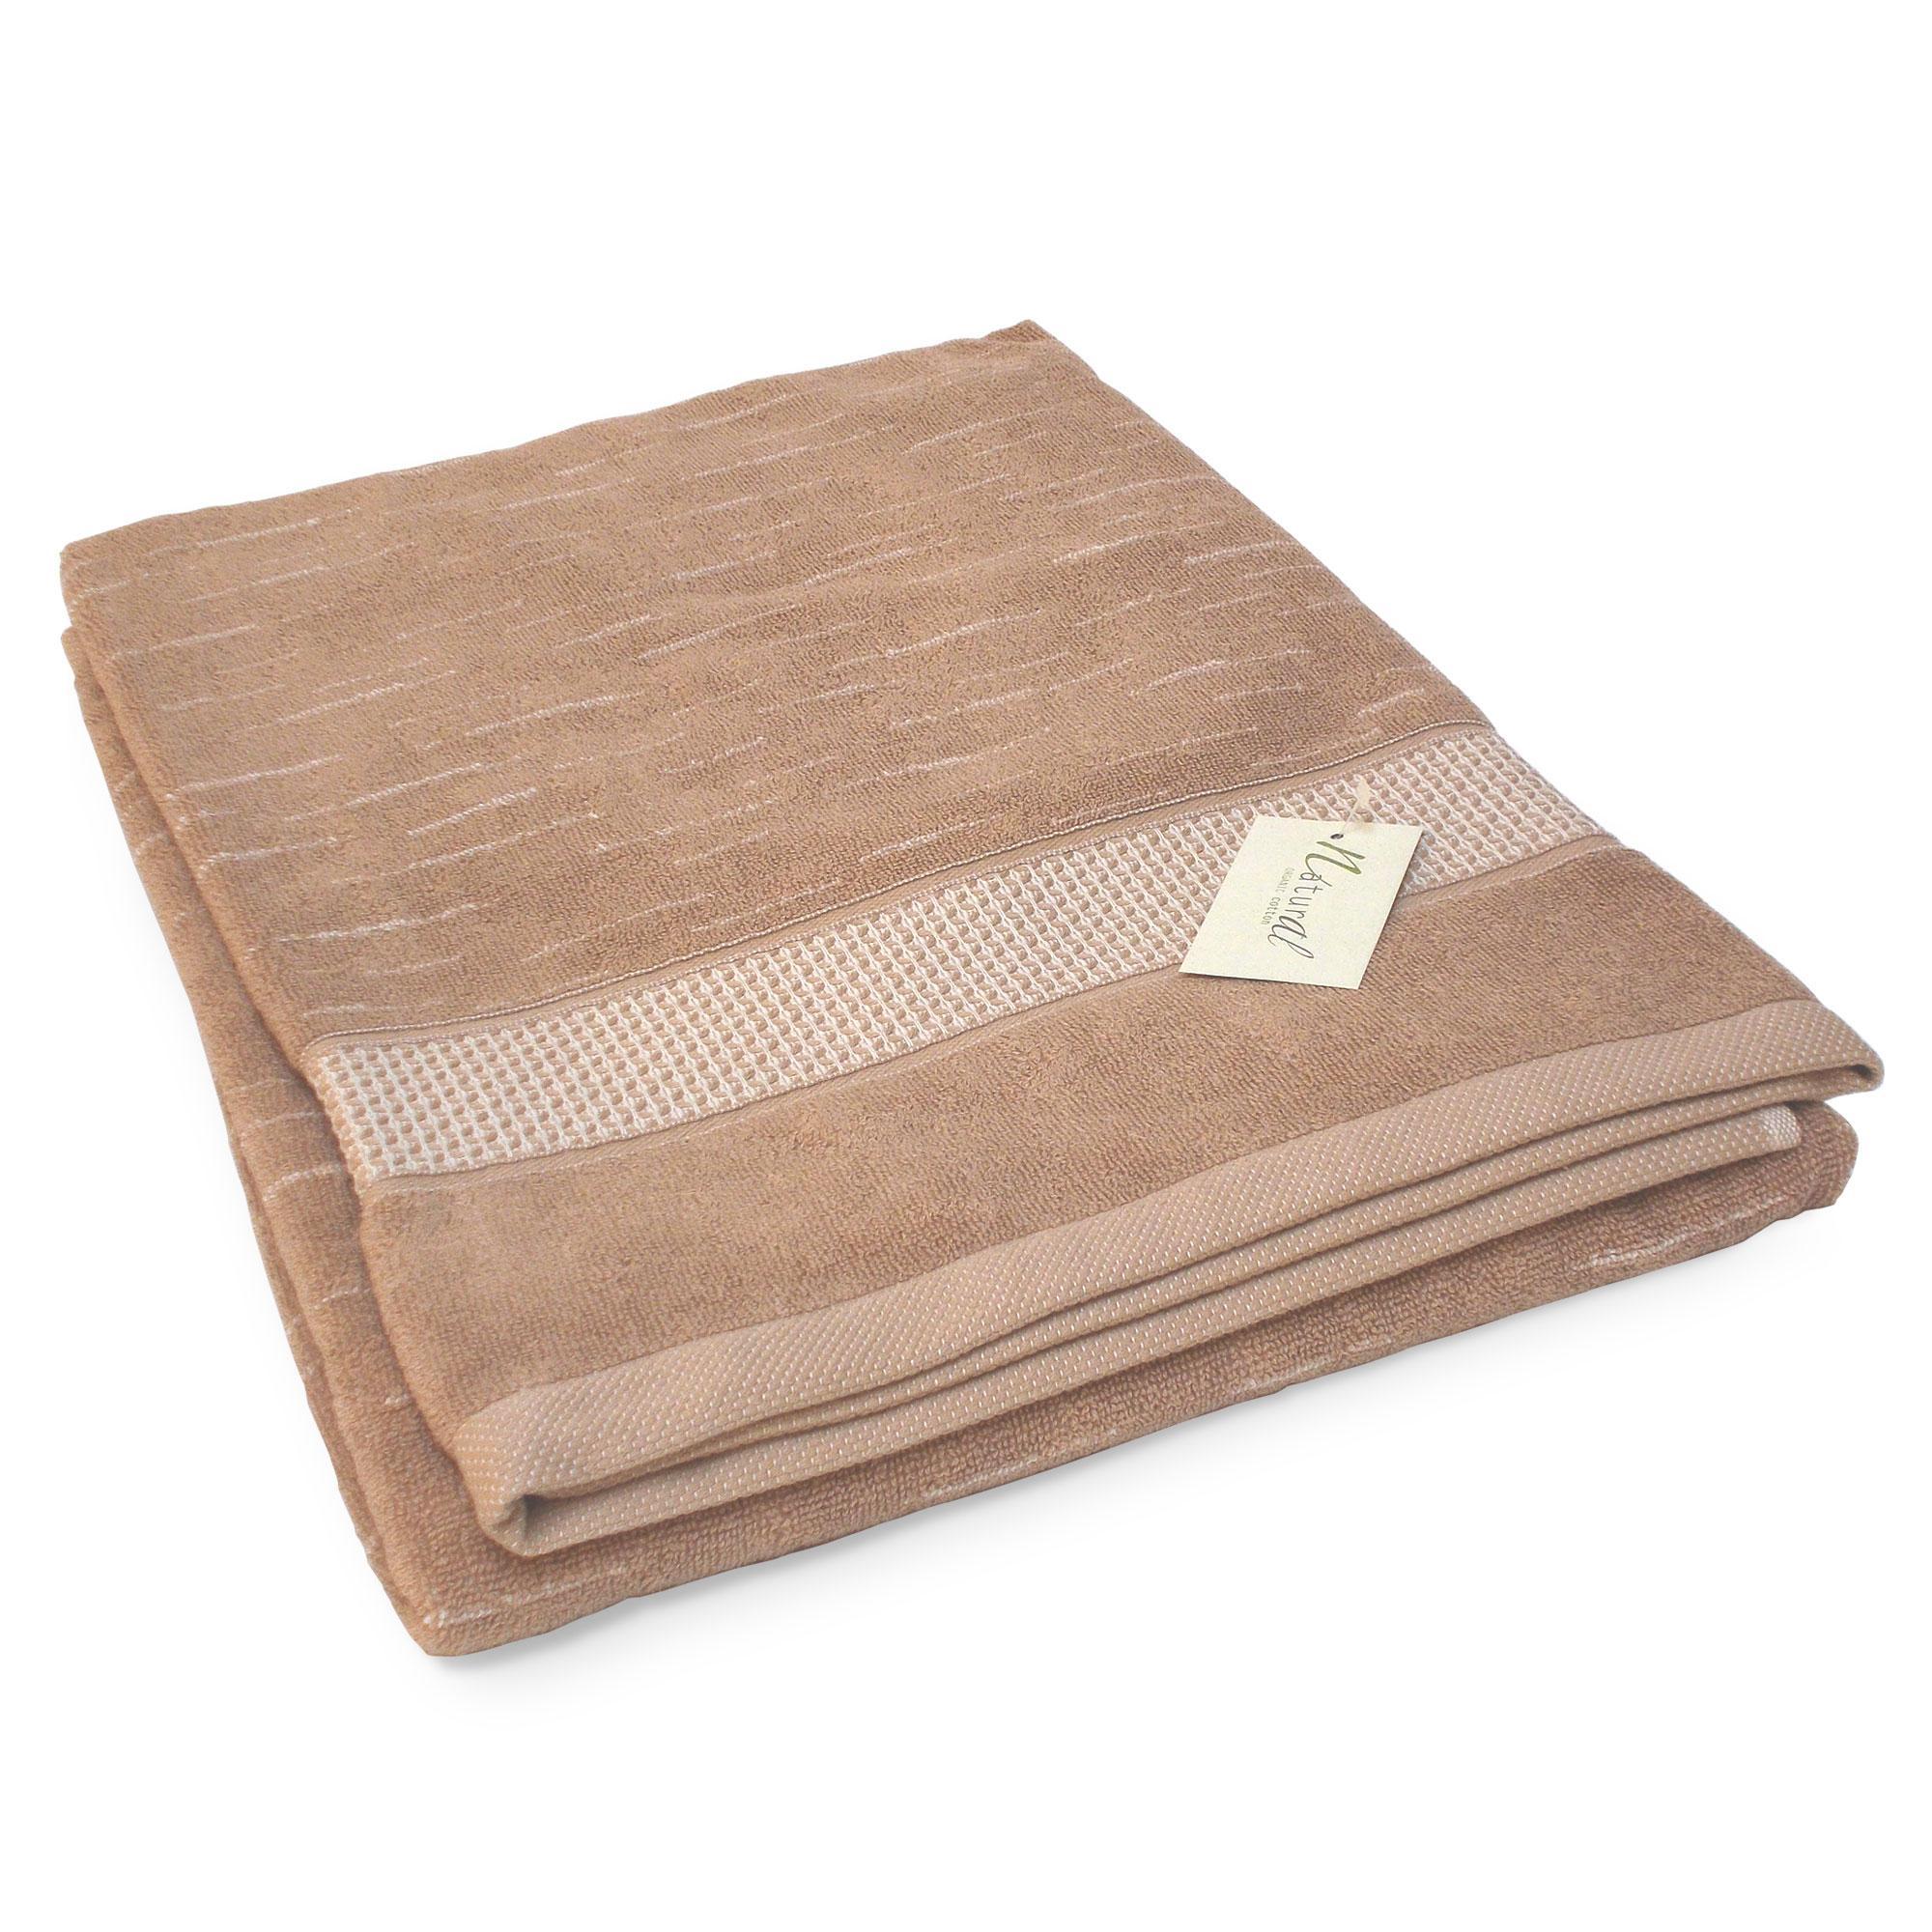 Drap de bain 90x200cm coton bio ficus marron linnea - Drap de bain bio ...